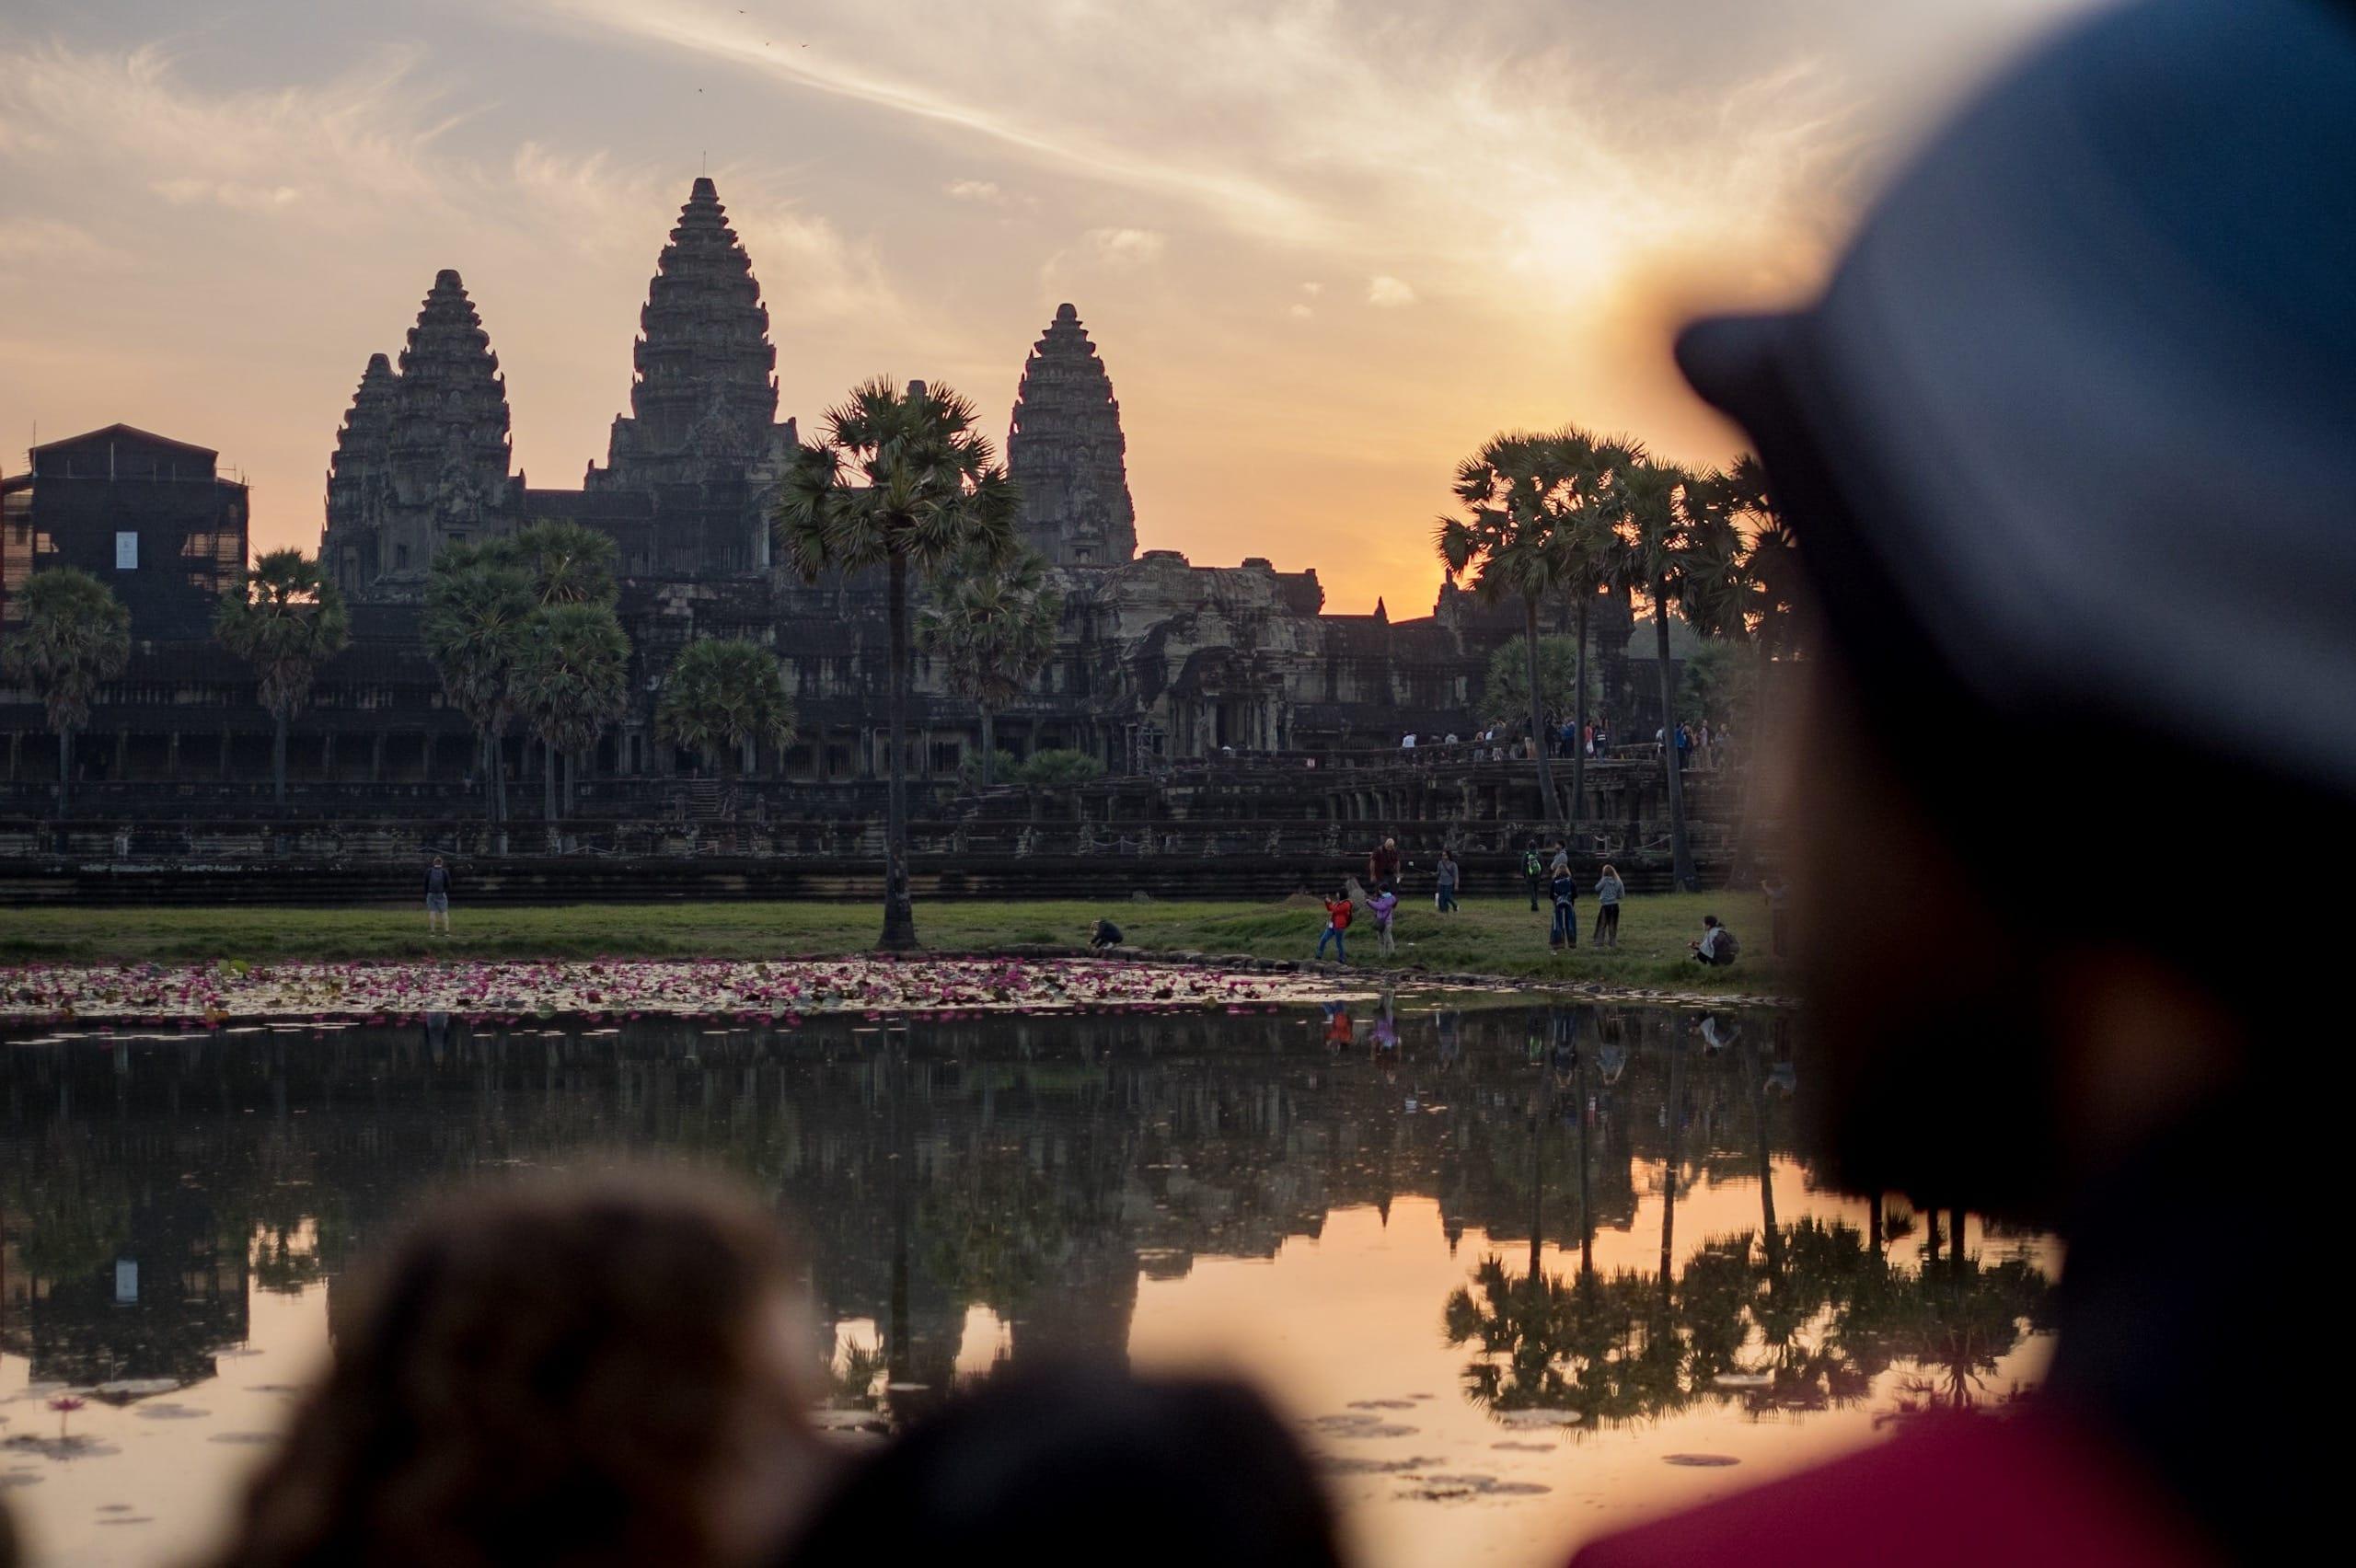 カンボジア旅行を快適に楽しむために。1週間にかかる費用と最適な予算|カンボジア